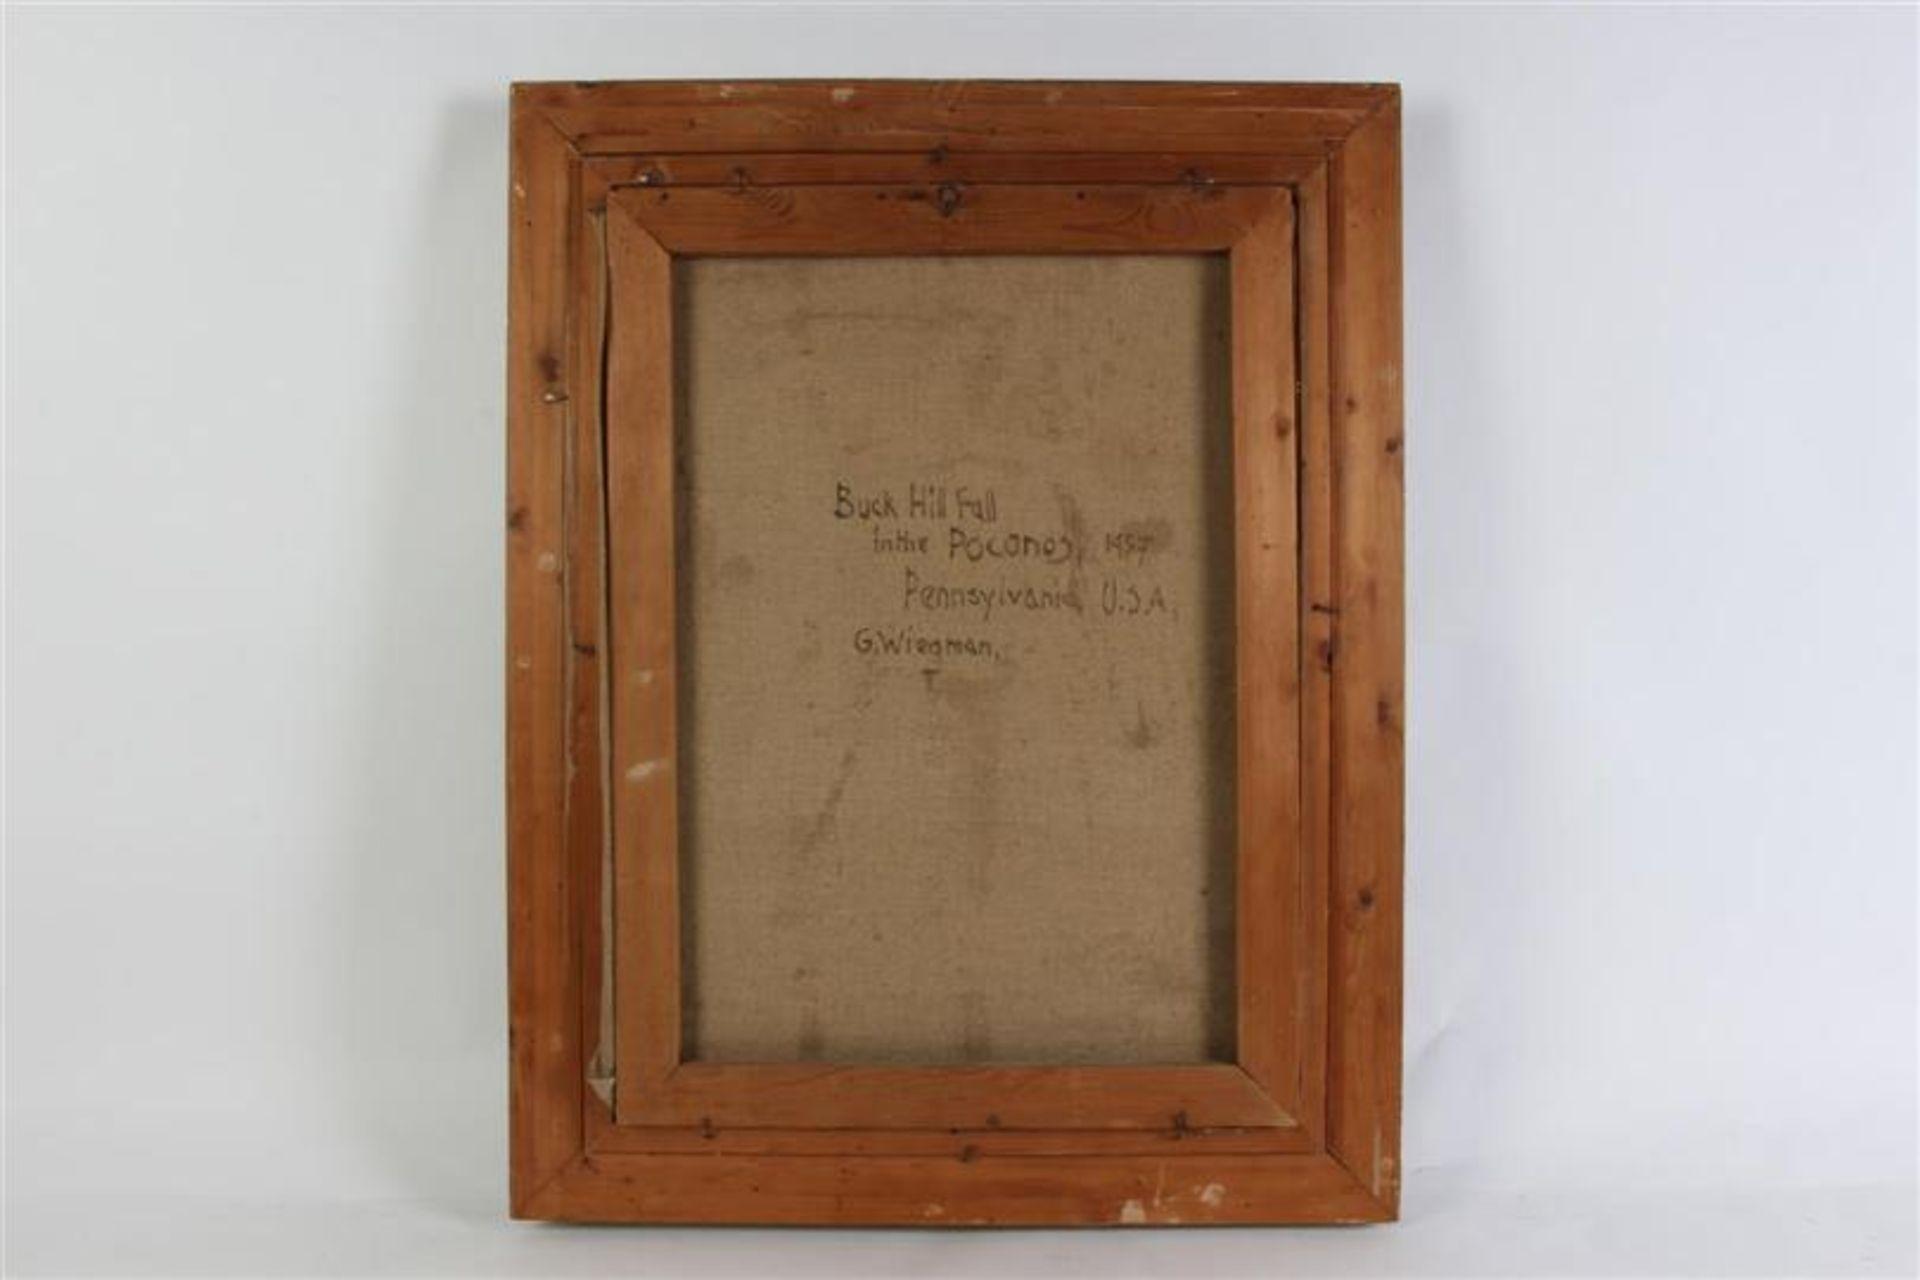 Los 13 - Schilderij, olieverf op doek 'Buck hill fall'. Gerard Wiegman (1875-1964) HxB: 46 x 56 cm.